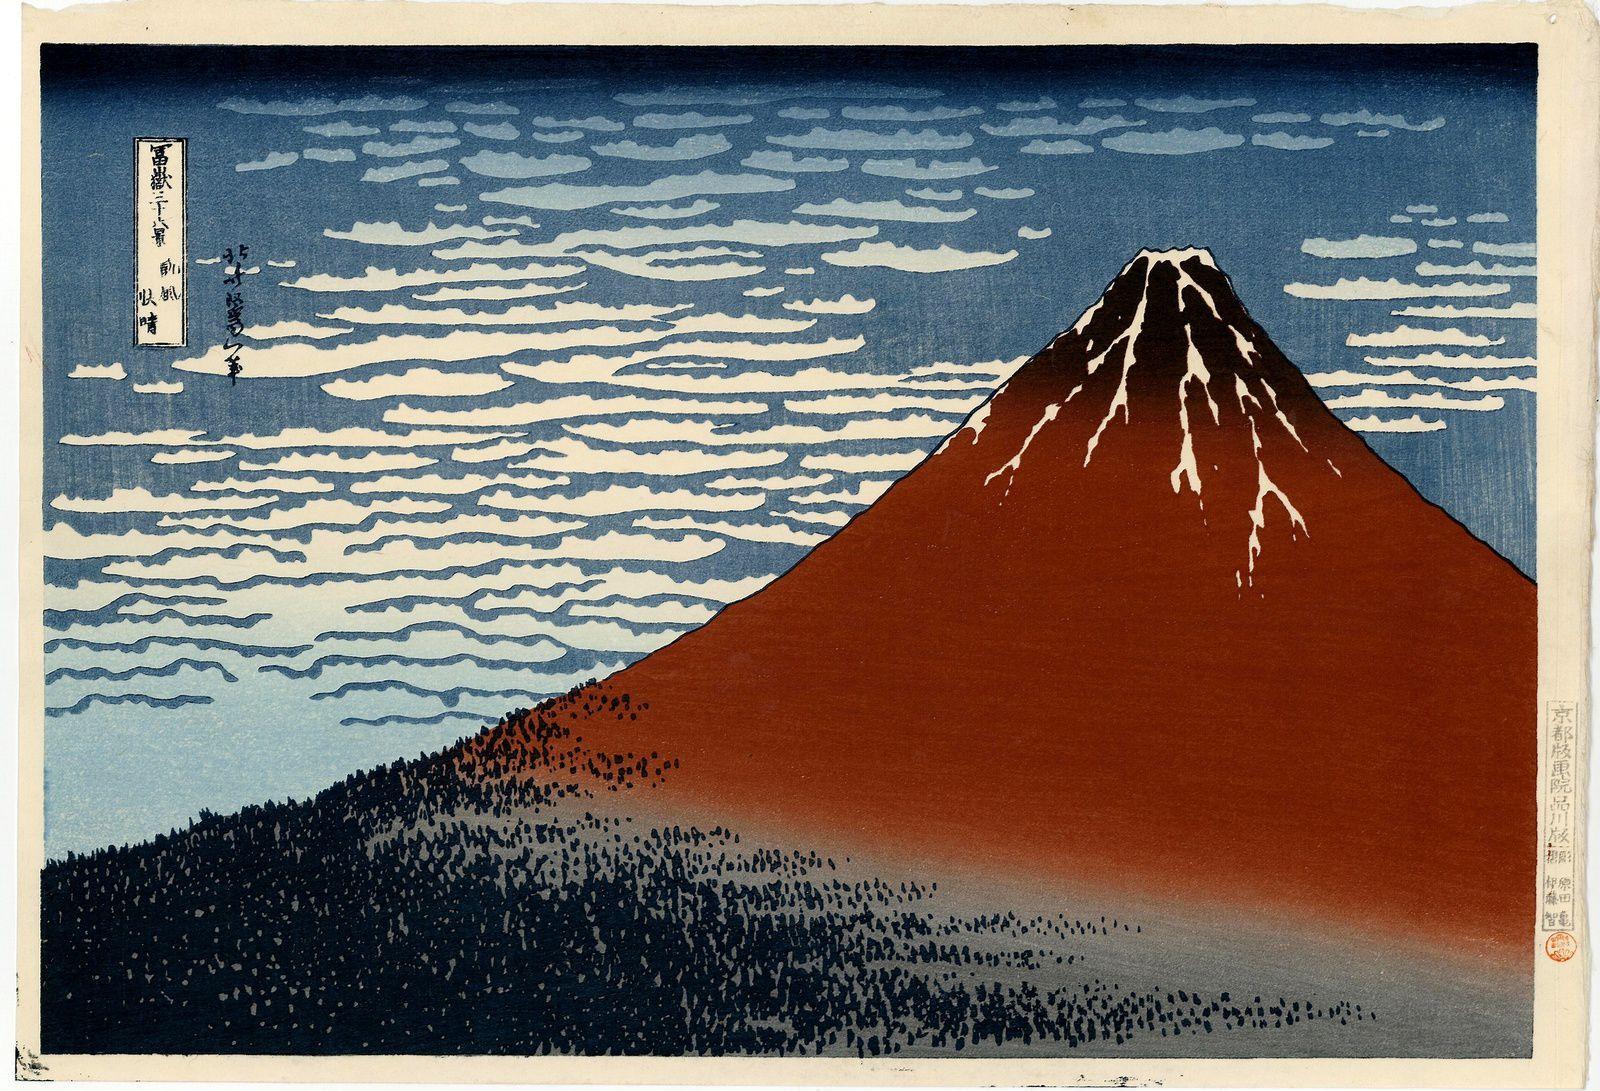 vends véritables estampes japonaises de HOKUSAI séries 36 vue du Mont Fuji : la grande vague, le Fuji rouge ...